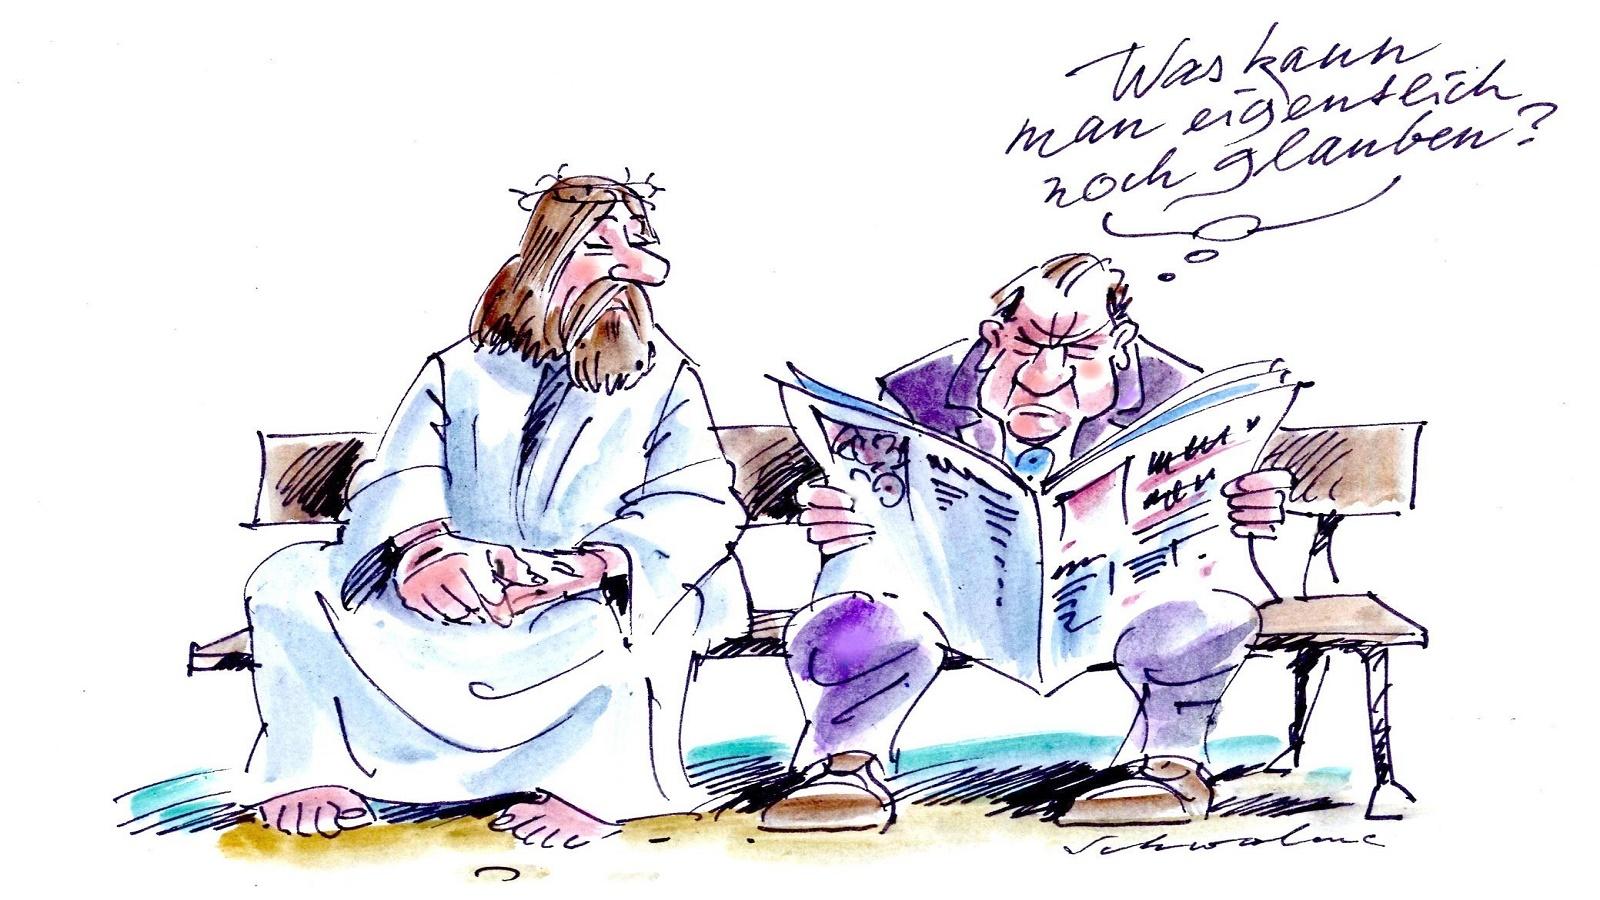 Karikaturen f r eine bessere welt m menschen machen - Buroarbeit von zuhause ...